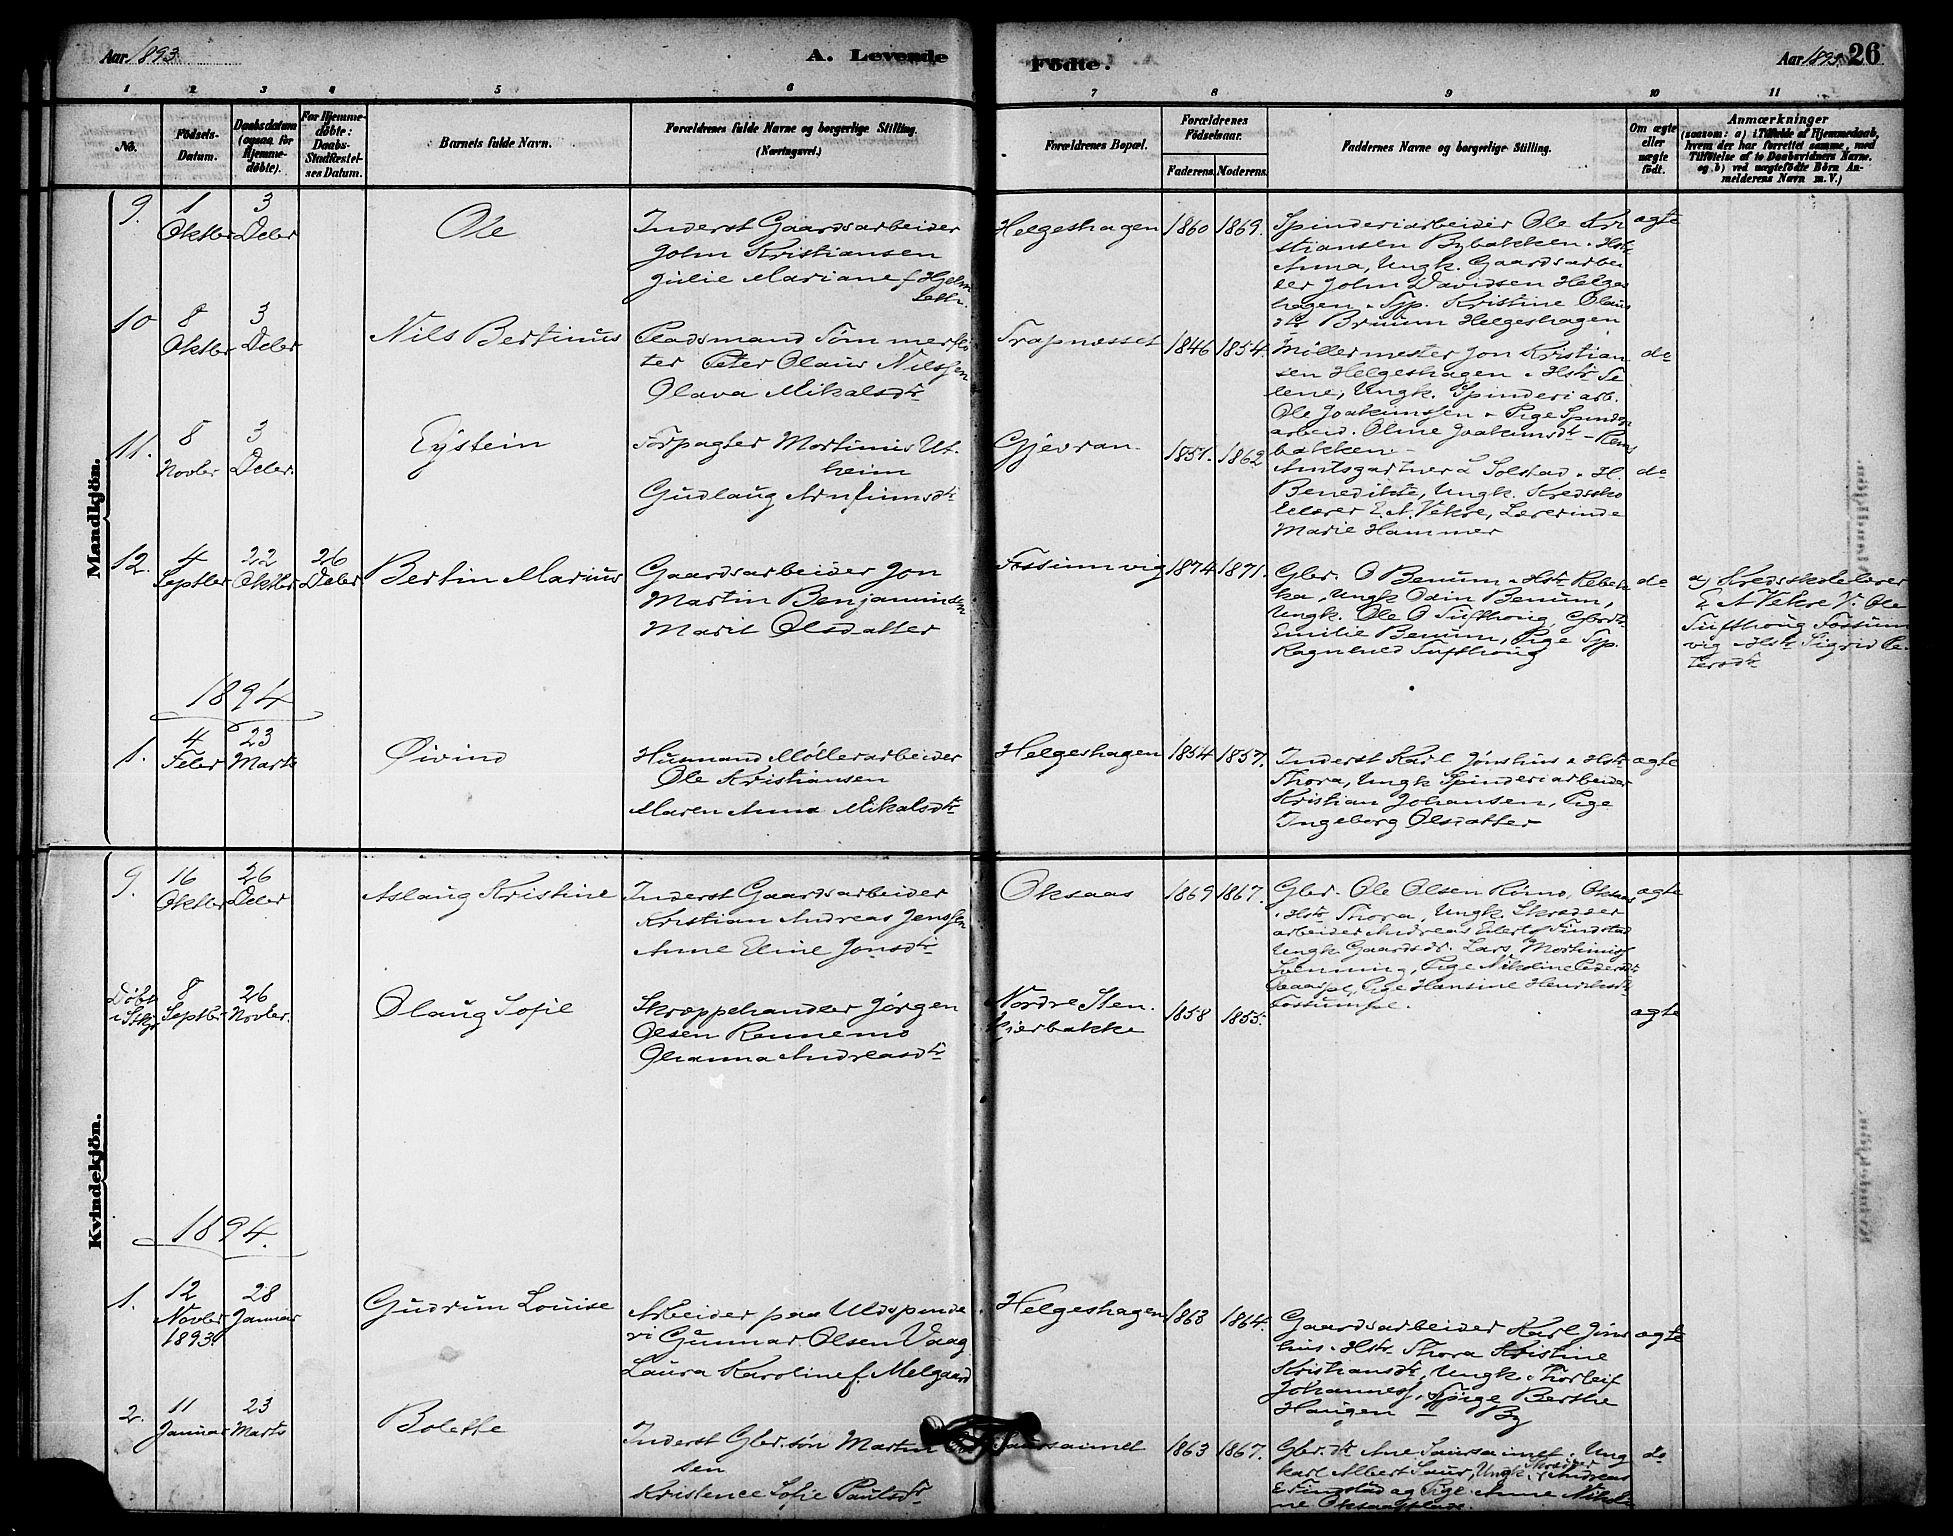 SAT, Ministerialprotokoller, klokkerbøker og fødselsregistre - Nord-Trøndelag, 740/L0378: Ministerialbok nr. 740A01, 1881-1895, s. 26